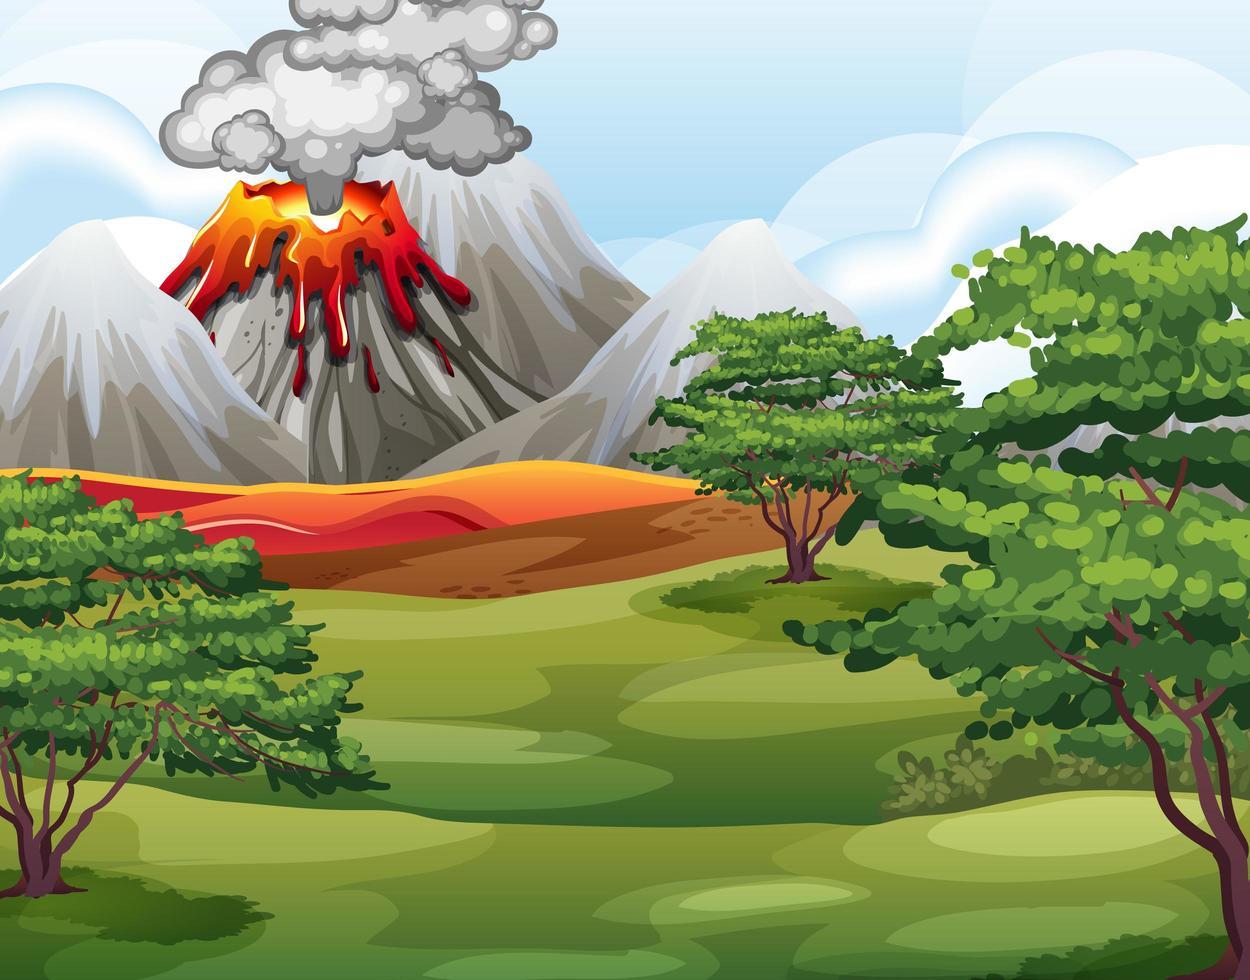 vulkaanuitbarsting in de natuur bosscène overdag vector